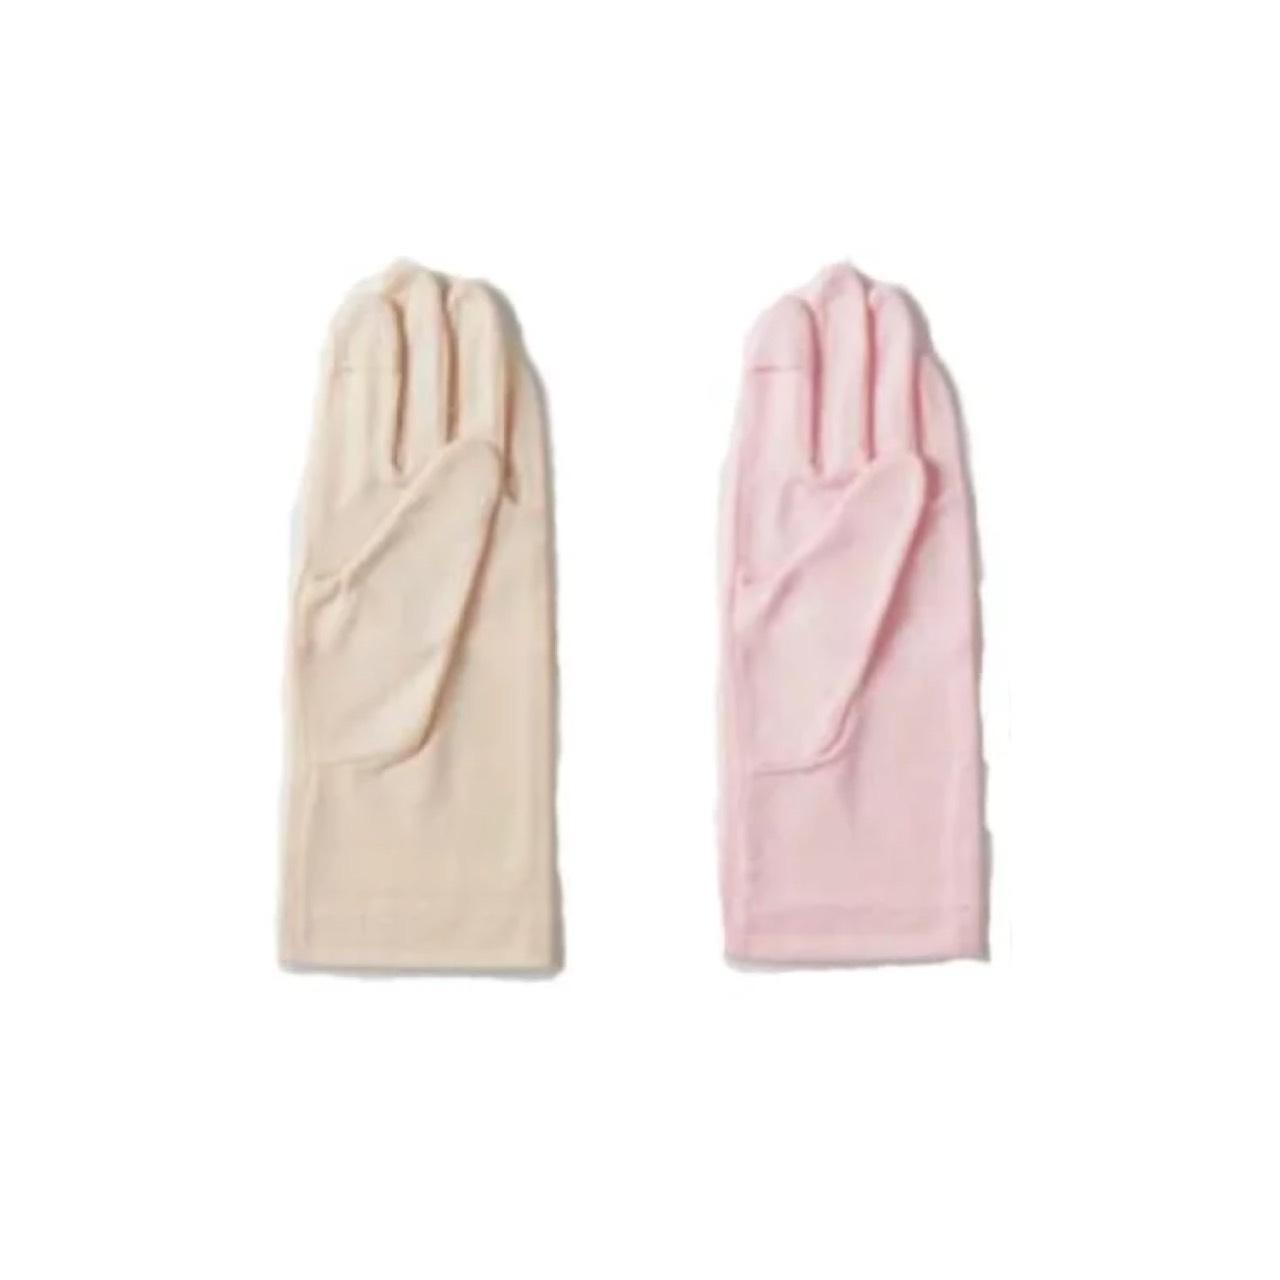 着けるだけ簡単保湿ケア ラフィナン 最新 美容ハンドパック ベージュ 〇スマホ対応タイプが誕生 ピンク 10% 待望 指が出るタイプの仕様でおやすみ時や通勤時も保湿時間に変換